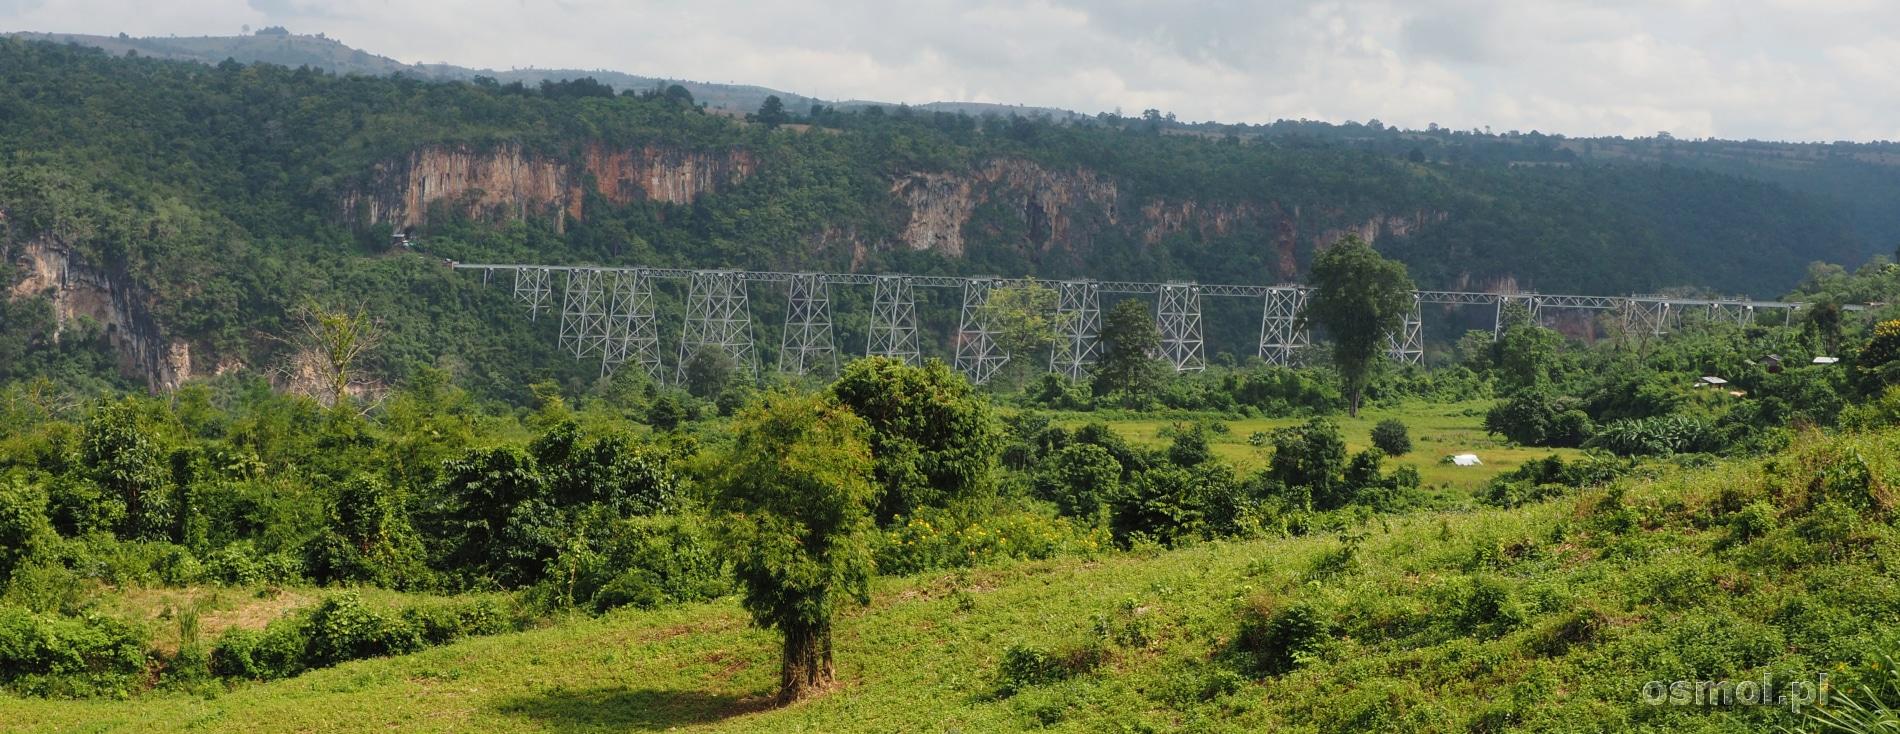 wiadukt w Gokteik w Birmie